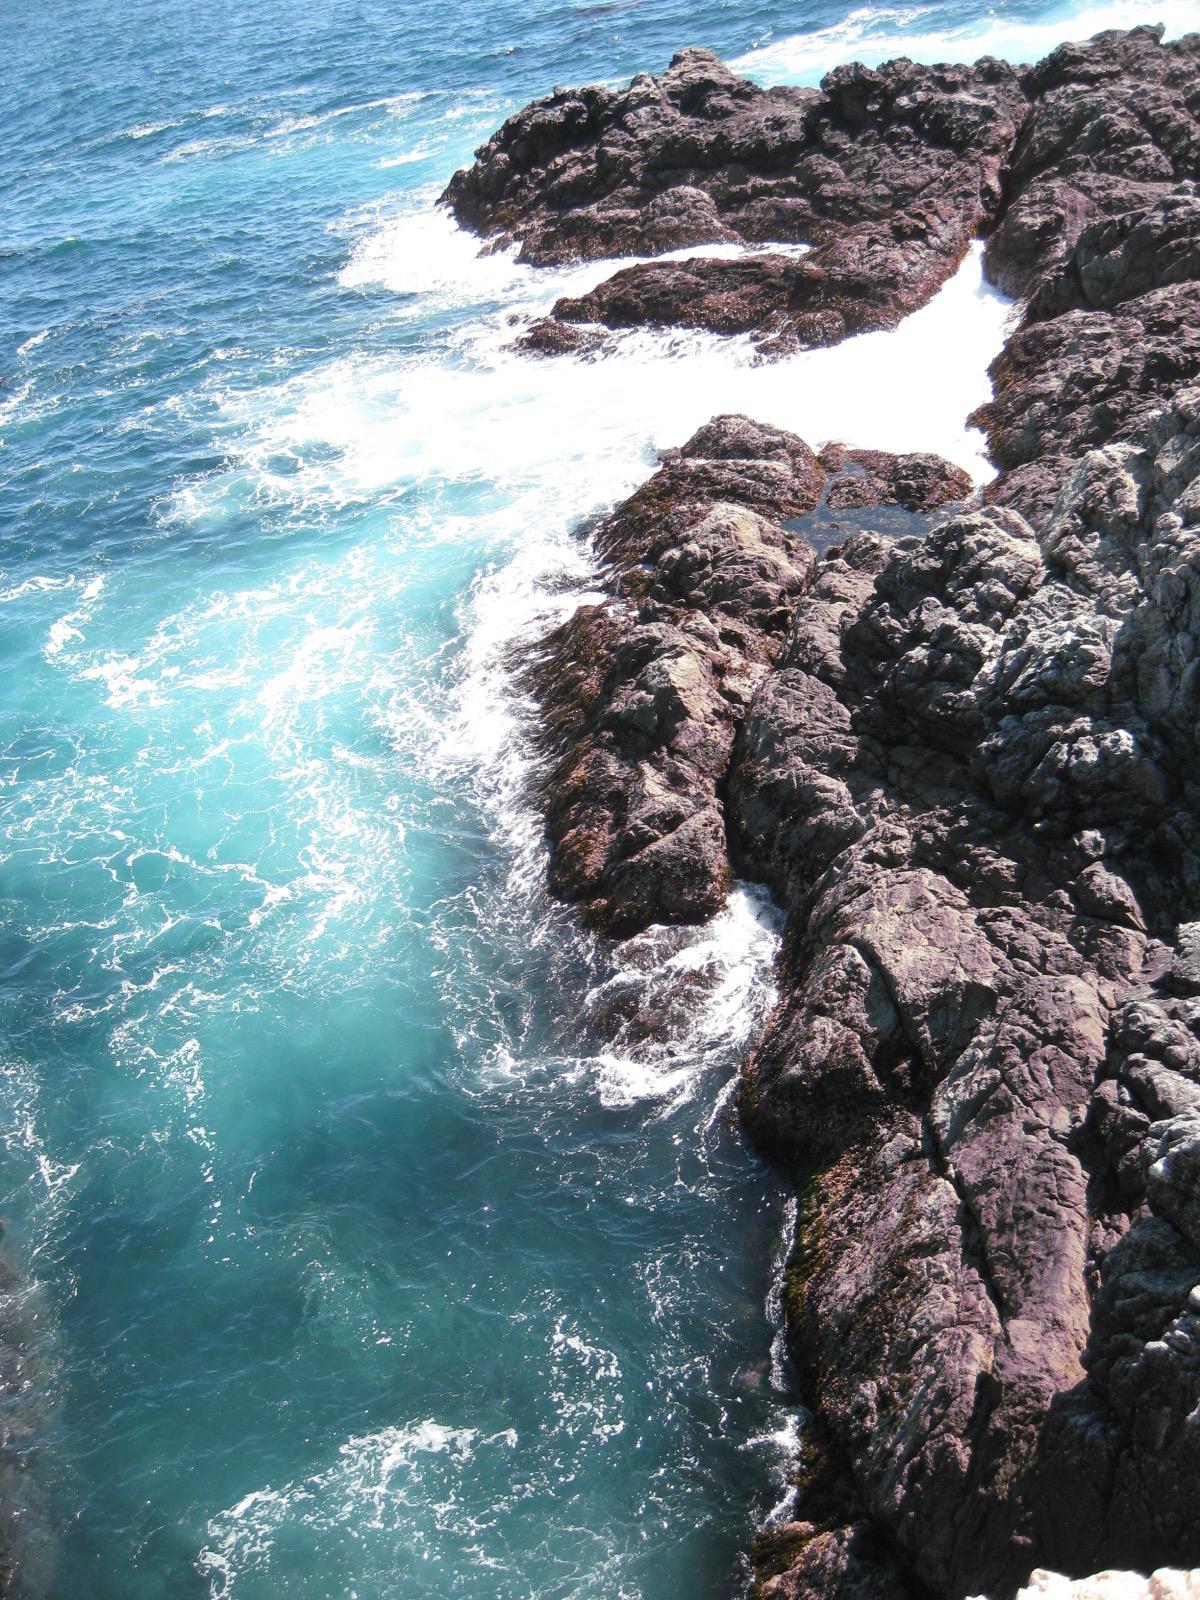 Pacific Ocean, Big Sur